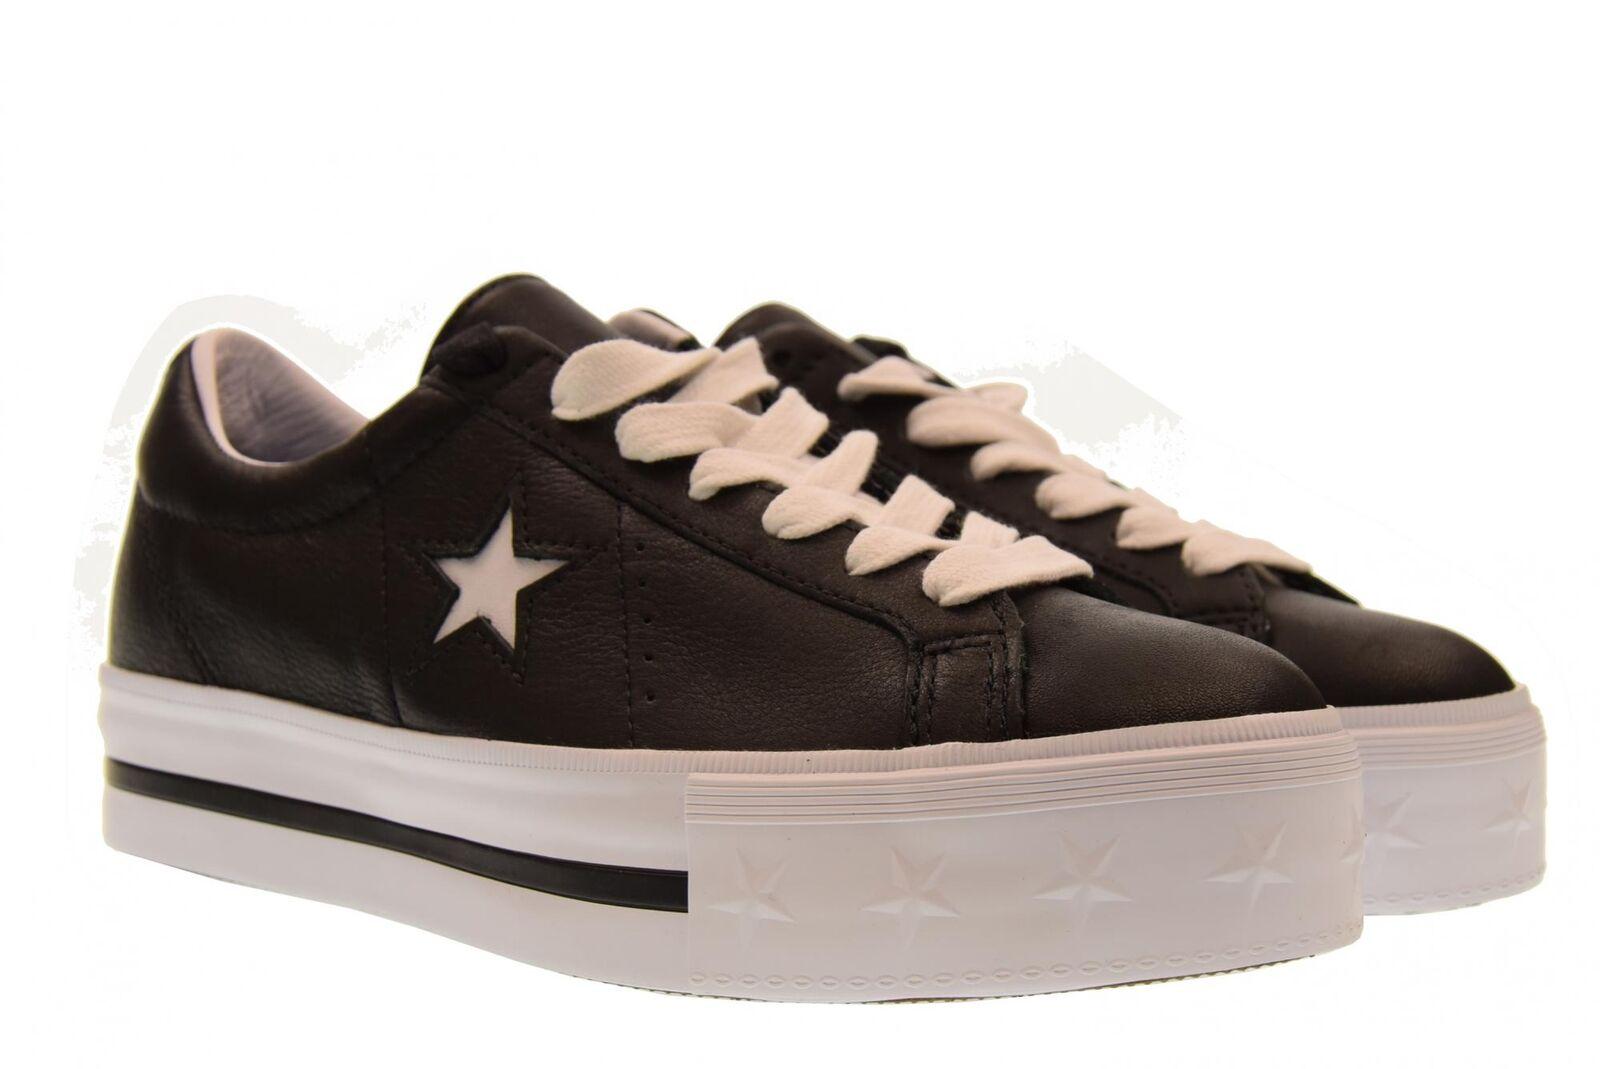 Converse A18f shoes shoes shoes femme baskets basses 562734C ONE STAR PLATFORM OX 331c8b